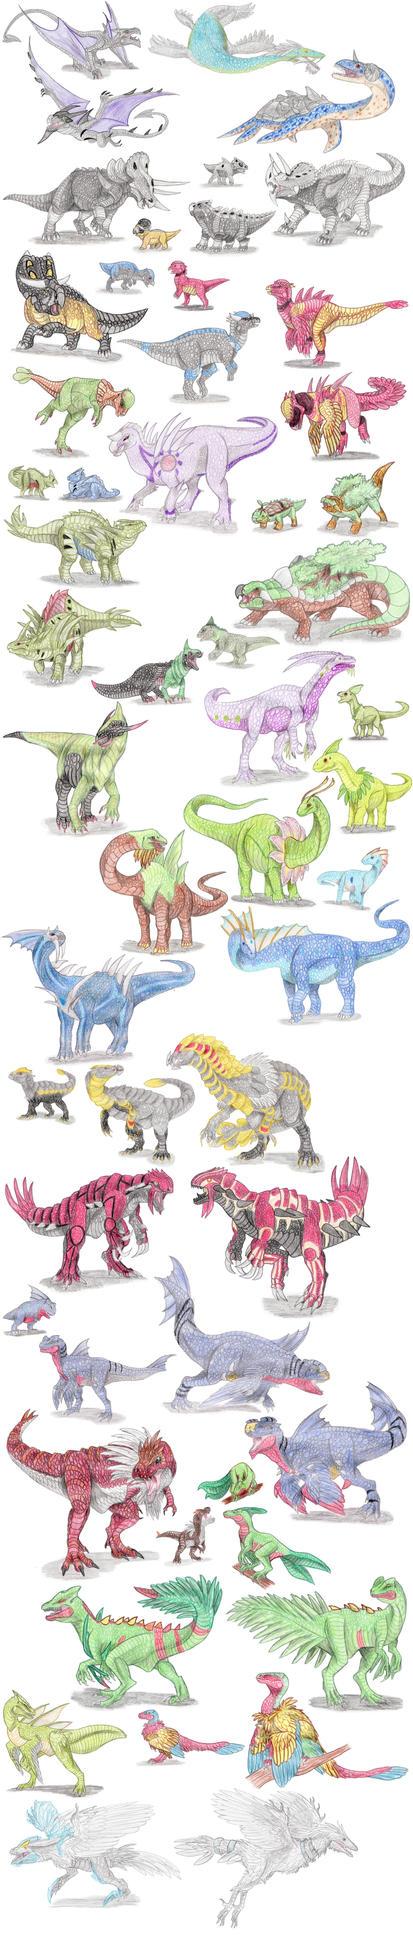 Dinosaur Pokemon by DragonlordRynn